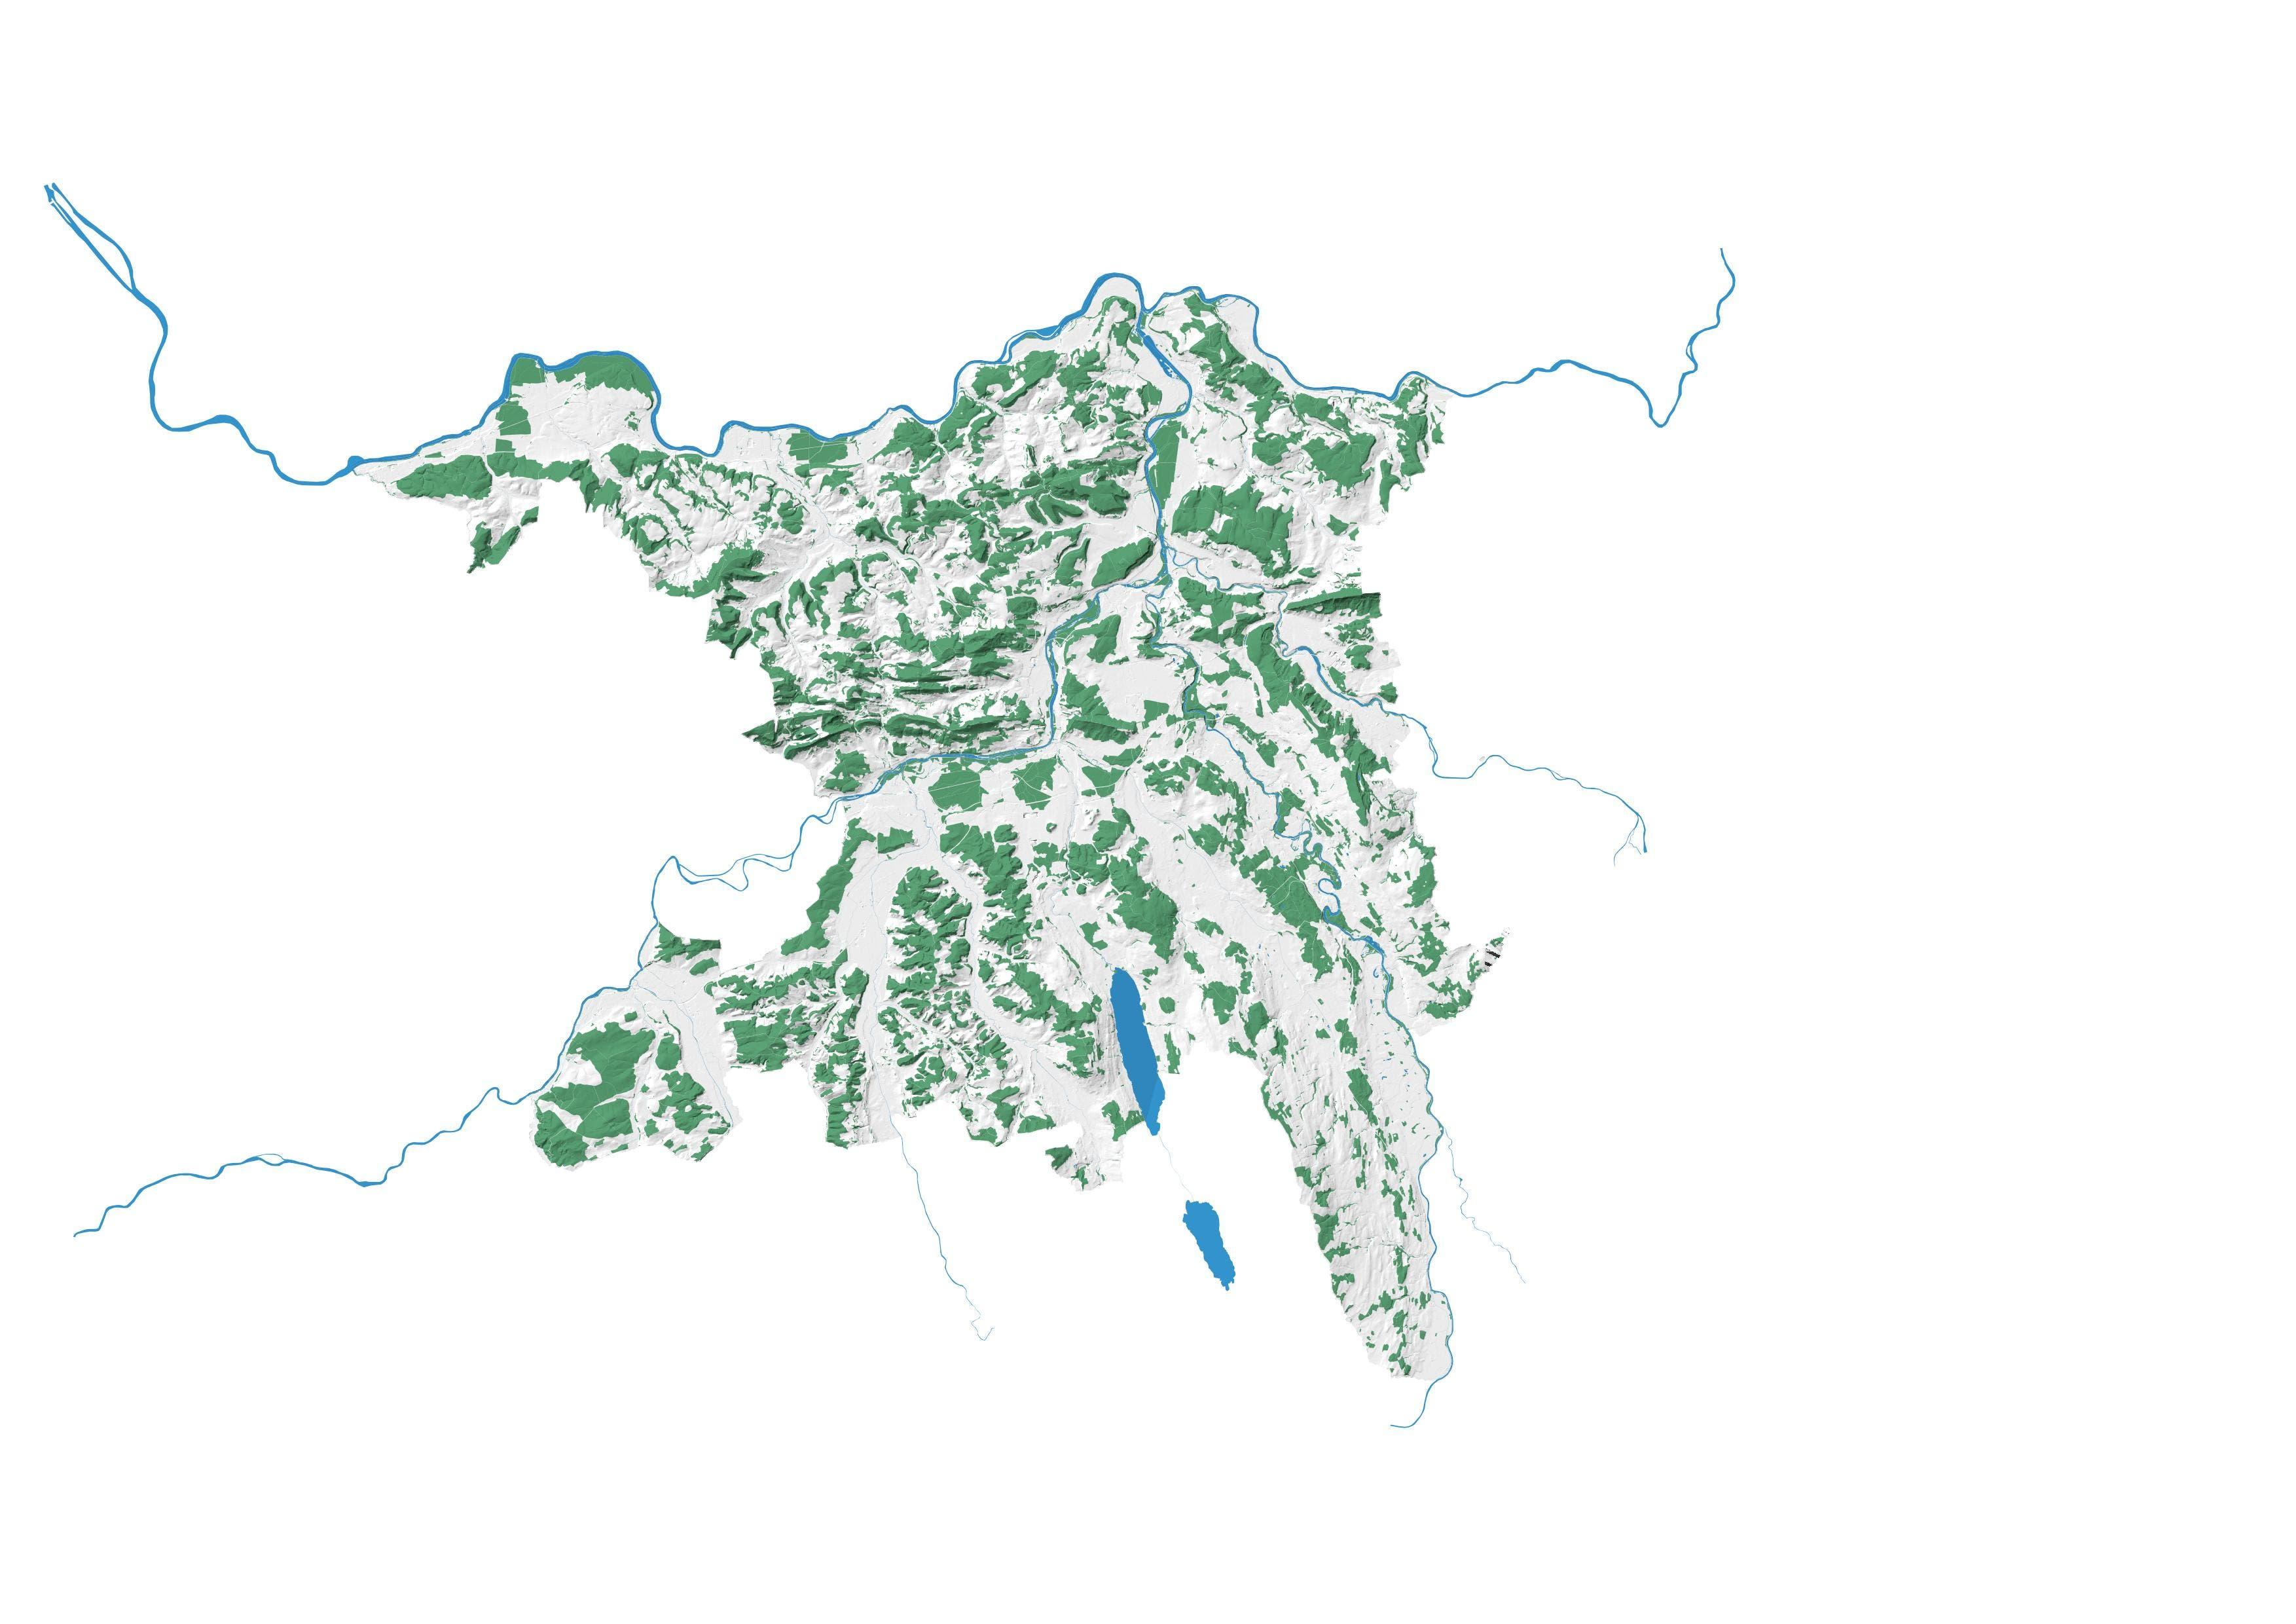 Die bestehende Waldfläche im Kanton Aargau umfasst 49'000 Hektar Wald, was 36% der Kantonsfläche entspricht. Momentan stehen 17,6 Millionen Bäume.